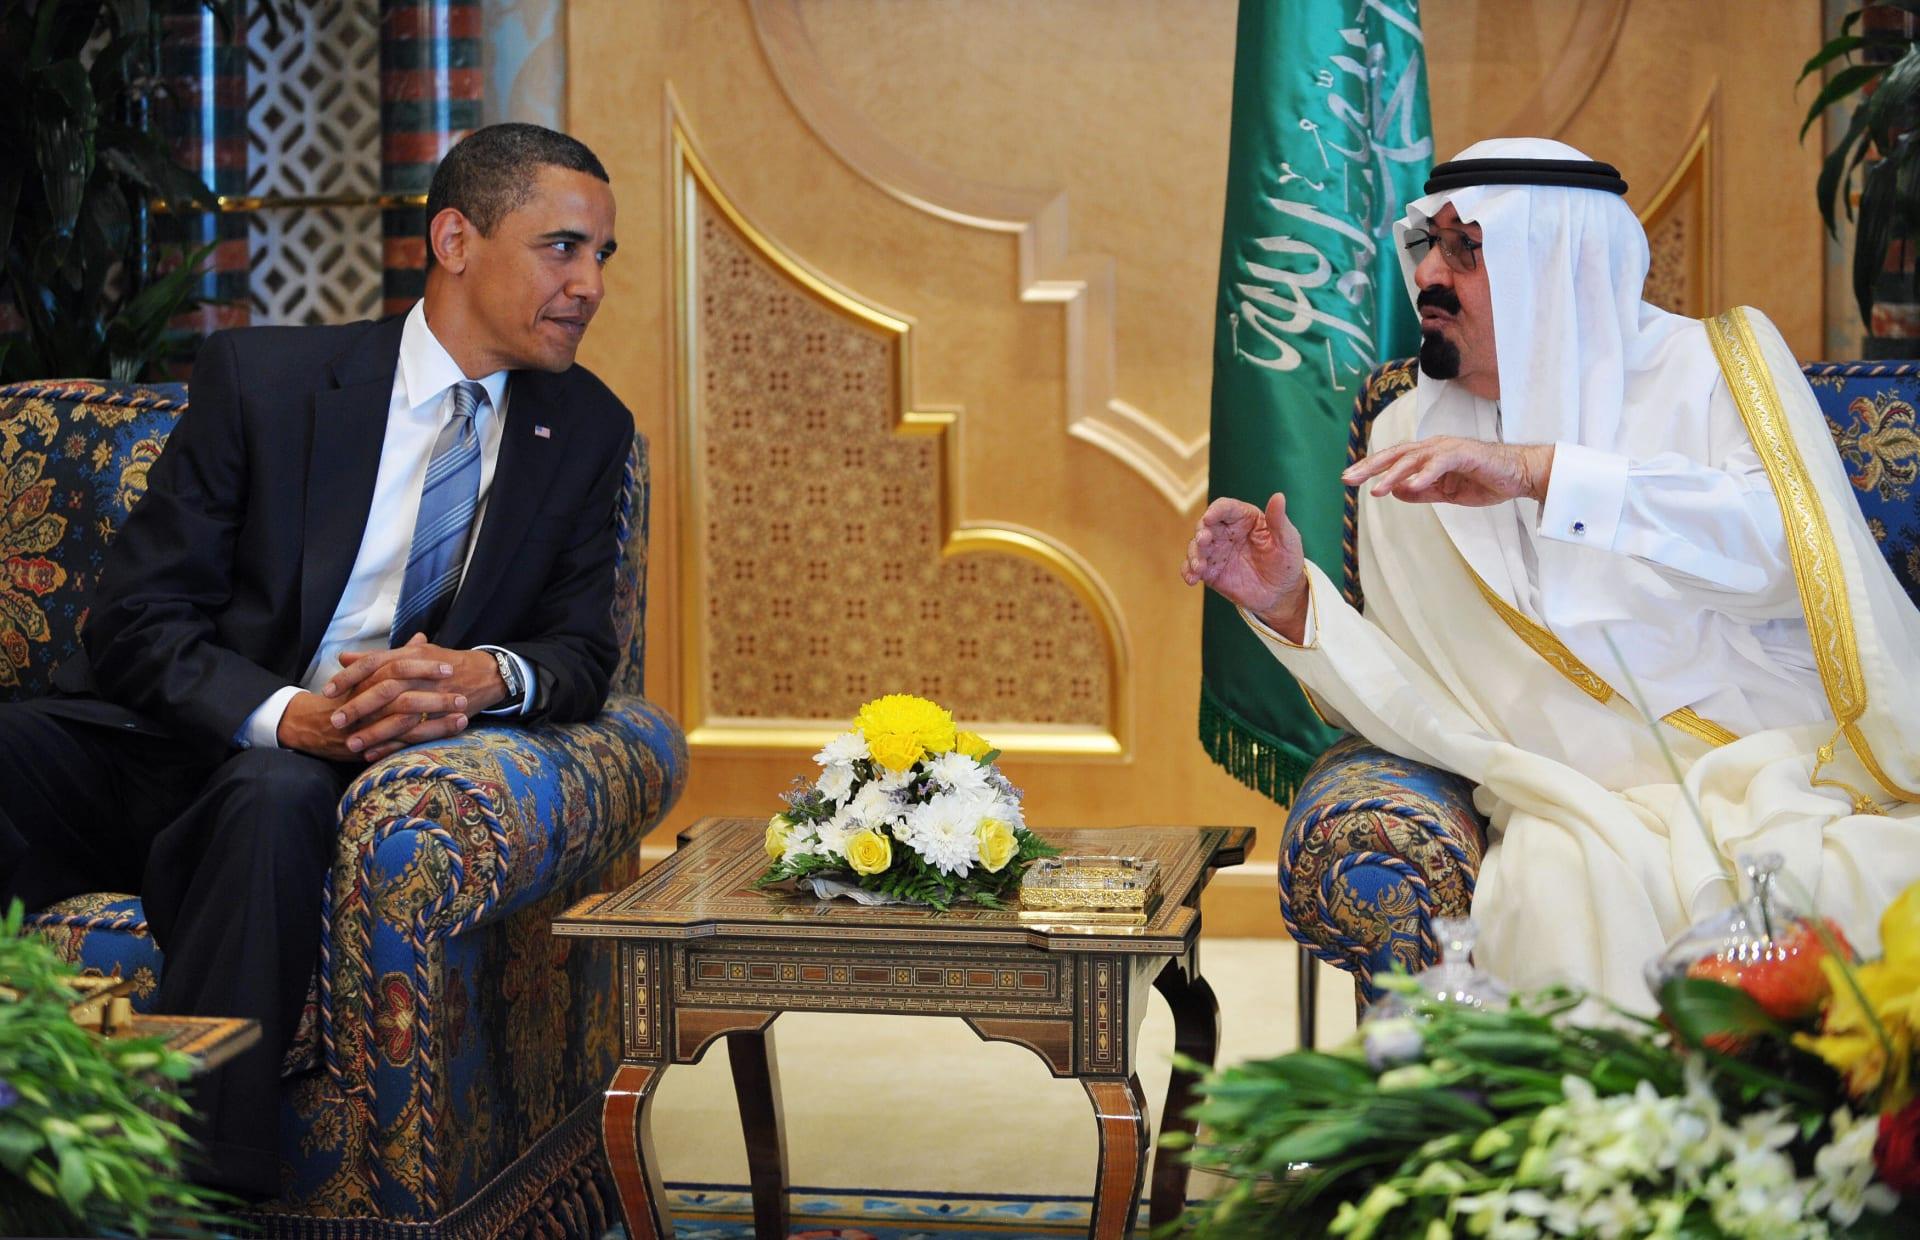 صورة أرشيفية للملك عبدالله يتحدث مع أوباما خلال زيارته للسعودية في يونيو 2009